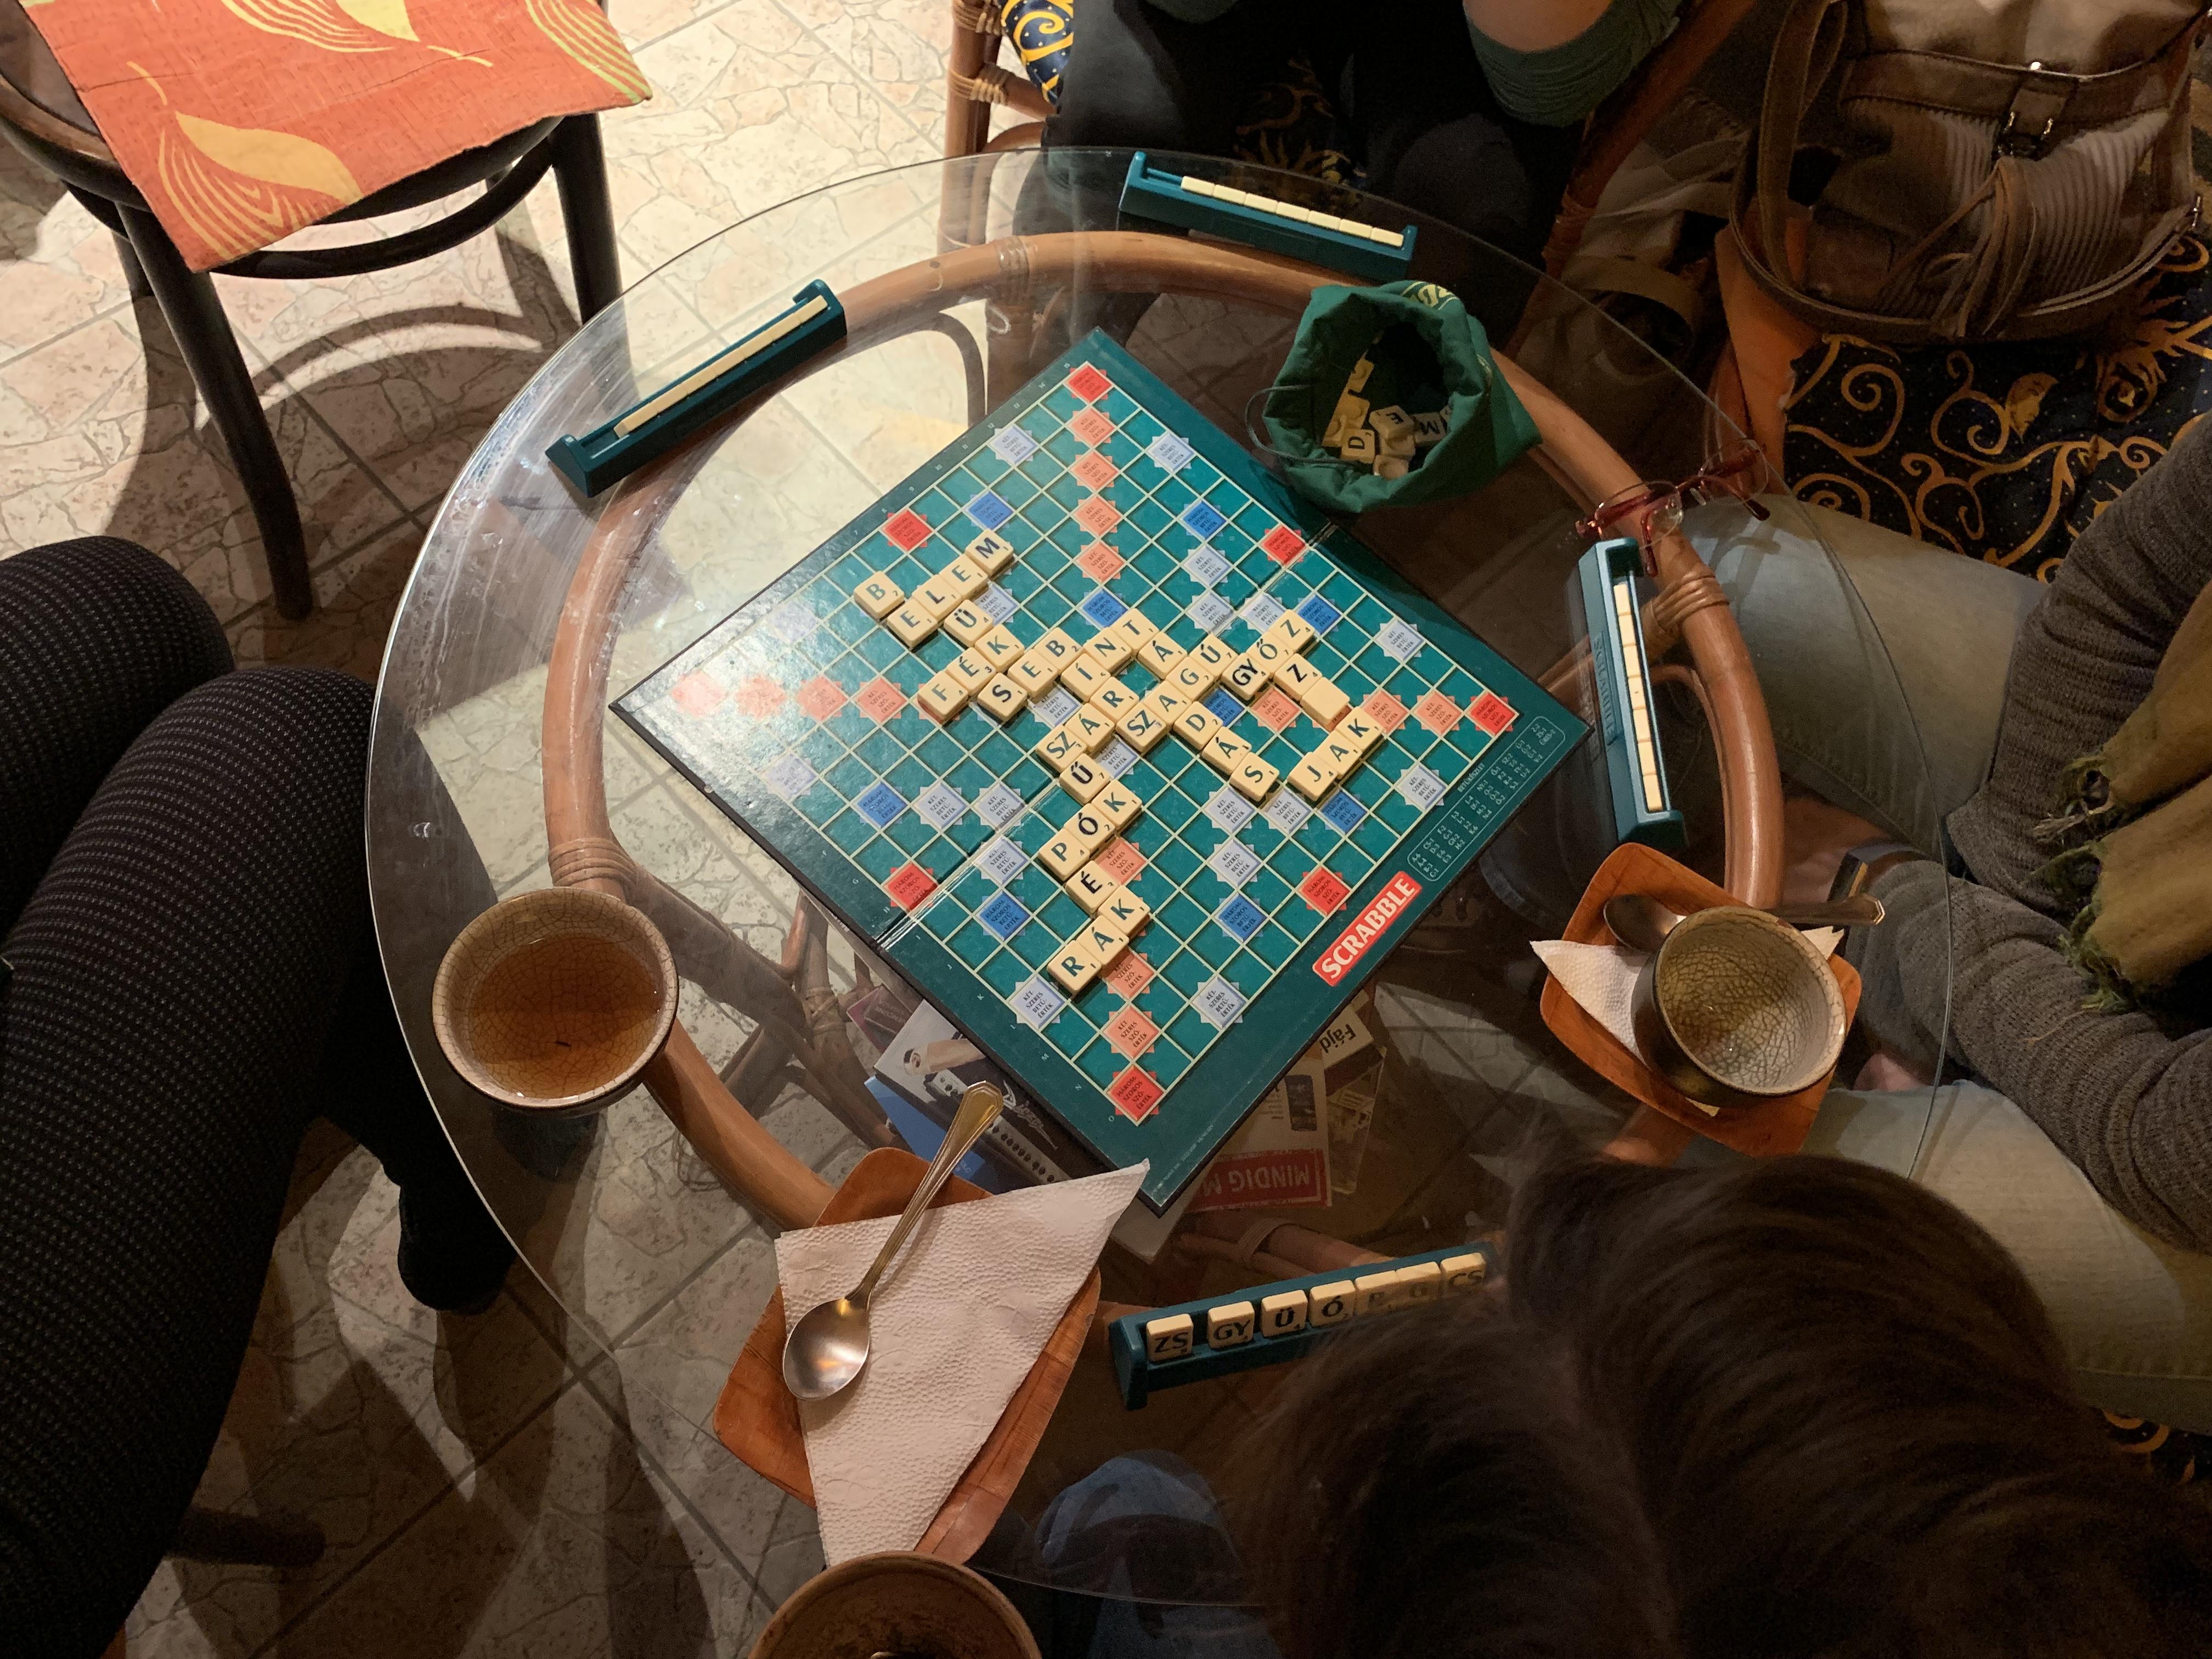 scrabble játék az asztalon teával